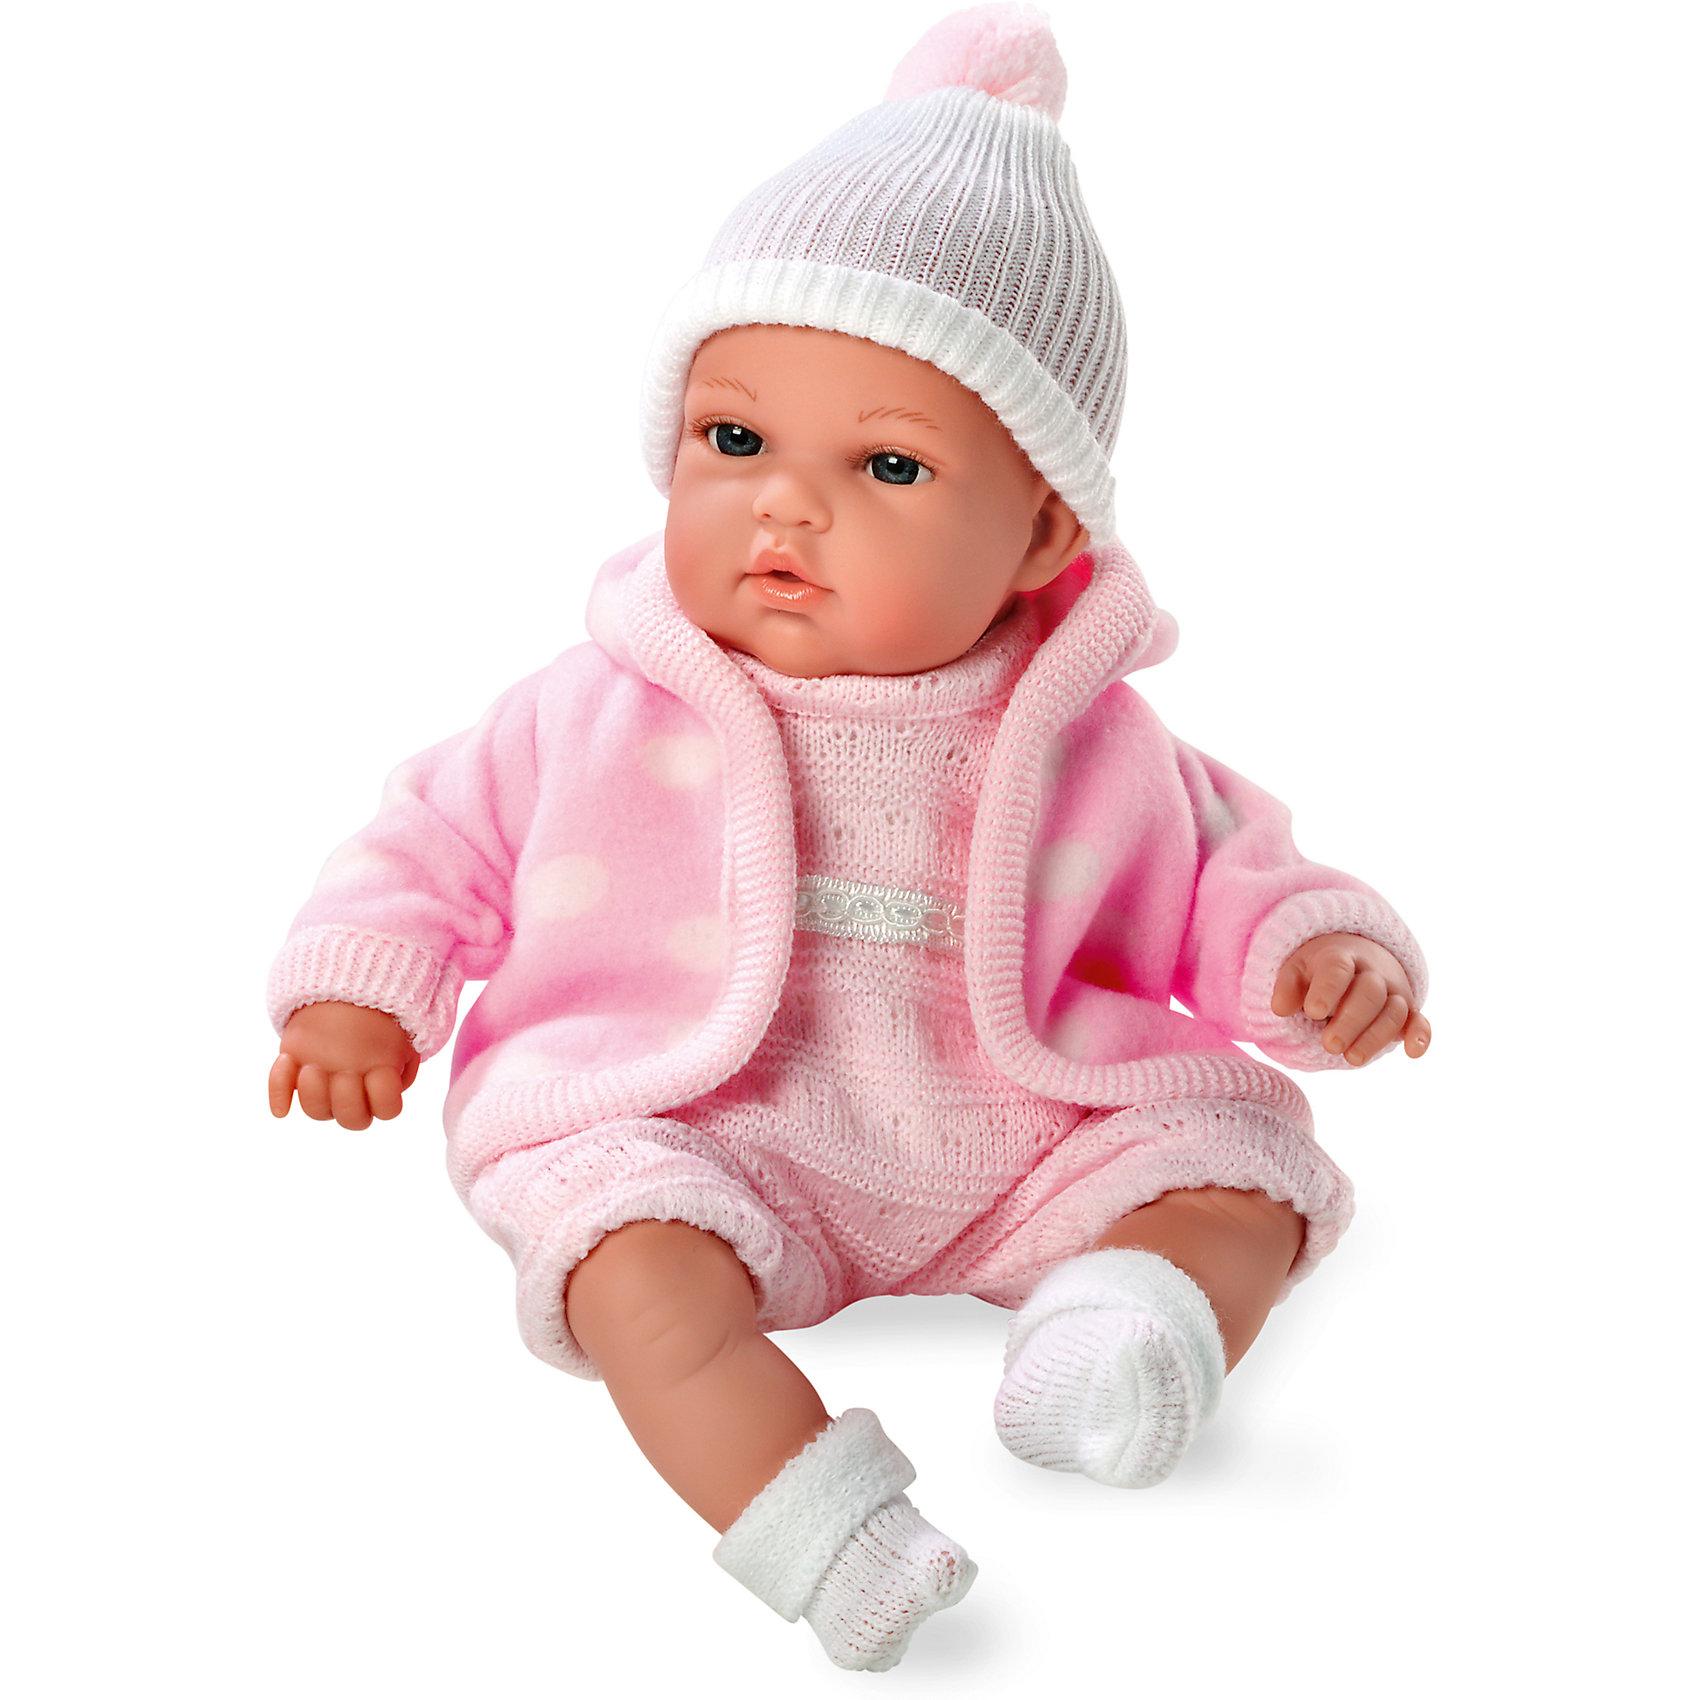 Кукла с функцией плача, Elegance, в флисовой курточке, комбинезоне, шапочке, 33 см, AriasКлассические куклы<br>Характеристики:<br><br>• Вид игр: сюжетно-ролевые<br>• Пол: для девочек<br>• Коллекция: Elegance<br>• Материал: винил, текстиль<br>• Длина куклы: 33 см<br>• Комплектация: кукла, комбинезон, носочки, шапочка, курточка<br>• Подвижные ручки и ножки <br>• Умеет плакать <br>• Батарейки: 3 x AG13 / LR44 (предусмотрены в комплекте)<br>• Вес в упаковке: 1 кг 100 г<br>• Размеры упаковки (Г*Ш*В): 24*13,5*40 см<br>• Упаковка: картонная коробка<br>• Особенности ухода: куклу можно купать, одежда – ручная стирка<br><br>Кукла с функцией плача, Elegance, в флисовой курточке, комбинезоне, шапочке, 33 см, Arias изготовлена известным испанским торговым предприятием Munecas, который специализируется на выпуске кукол и пупсов. Пупсы и куклы Arias с высокой степенью достоверности повторяют облик маленьких детей, благодаря мельчайшим деталям внешнего вида и одежды игрушки выглядят мило и очаровательно. Тело пупса – мягконабивное, подвижные ручки и ножки выполнены из винила. У него четко прорисованные глаза и брови, курносый носик и пухленькие губки. У малышки теплый комплект одежды: вязаный комбинезон, шапочка с помпоном, на ножках теплые носочки и розовая флисовая курточка в крупный белый горох. При нажатии на животик, кукла начинает плакать. Кукла с функцией плача, Elegance, в флисовой курточке, комбинезоне, шапочке, 33 см, Arias станет идеальным подарком для девочки к любому празднику.<br><br>Куклу с функцией плача, Elegance, в флисовой курточке, комбинезоне, шапочке, 33 см, Arias можно купить в нашем интернет-магазине.<br><br>Ширина мм: 420<br>Глубина мм: 130<br>Высота мм: 250<br>Вес г: 1017<br>Возраст от месяцев: 36<br>Возраст до месяцев: 120<br>Пол: Женский<br>Возраст: Детский<br>SKU: 5355537